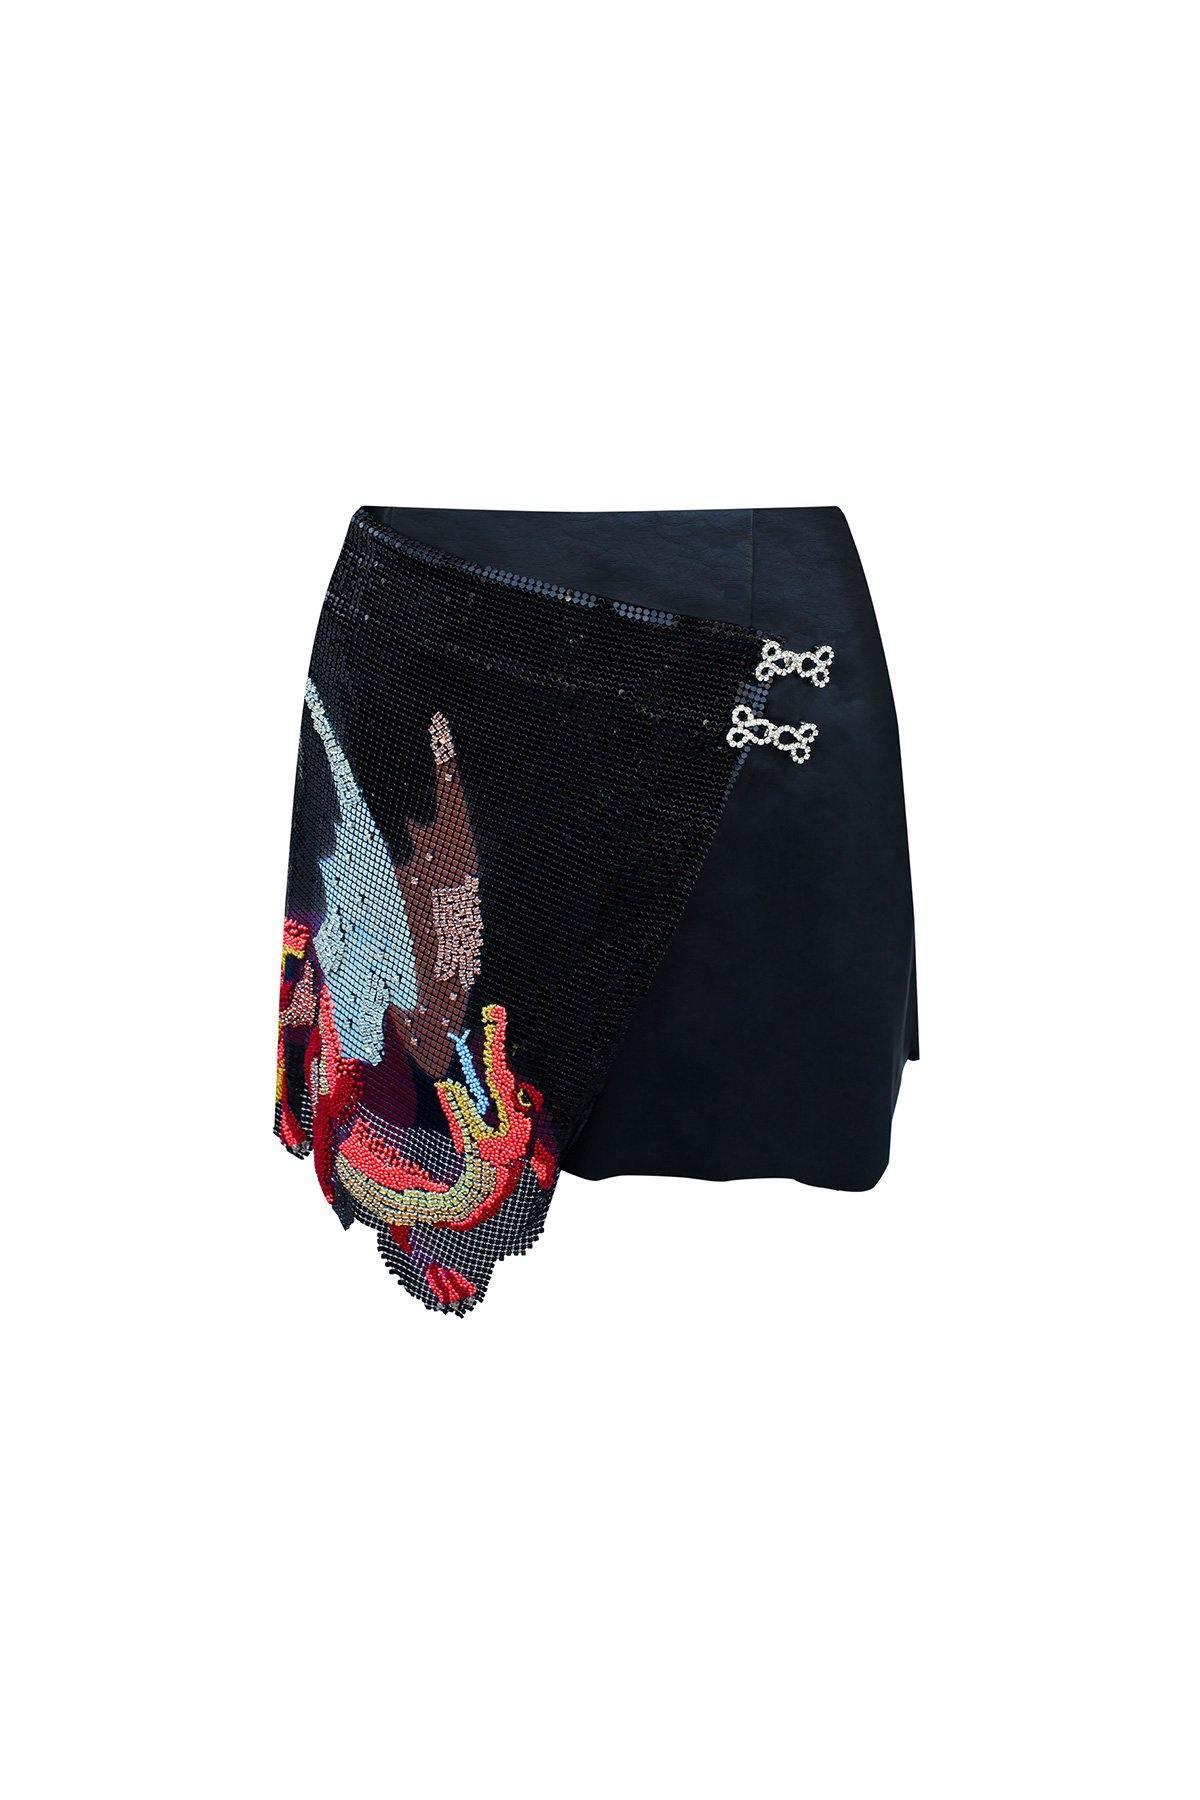 Leo Skirt by Clio Peppiatt, available on cliopeppiatt.co.uk for EUR475 Kim Kardashian Skirt Exact Product